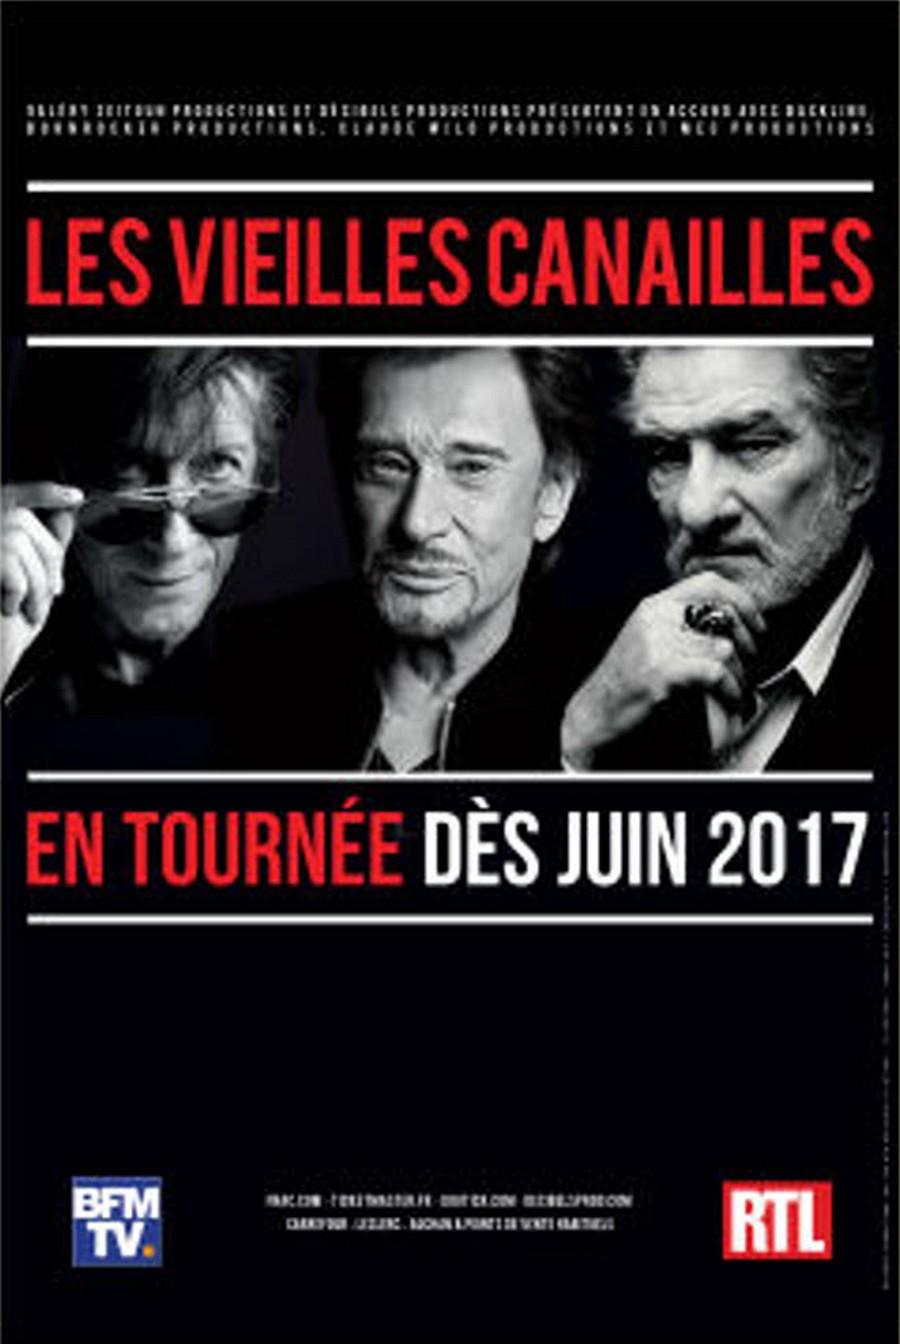 LES CONCERTS DE JOHNNY 'LES VIEILLES CANAILLES - 'STRASBOURG 2017' Vieill48